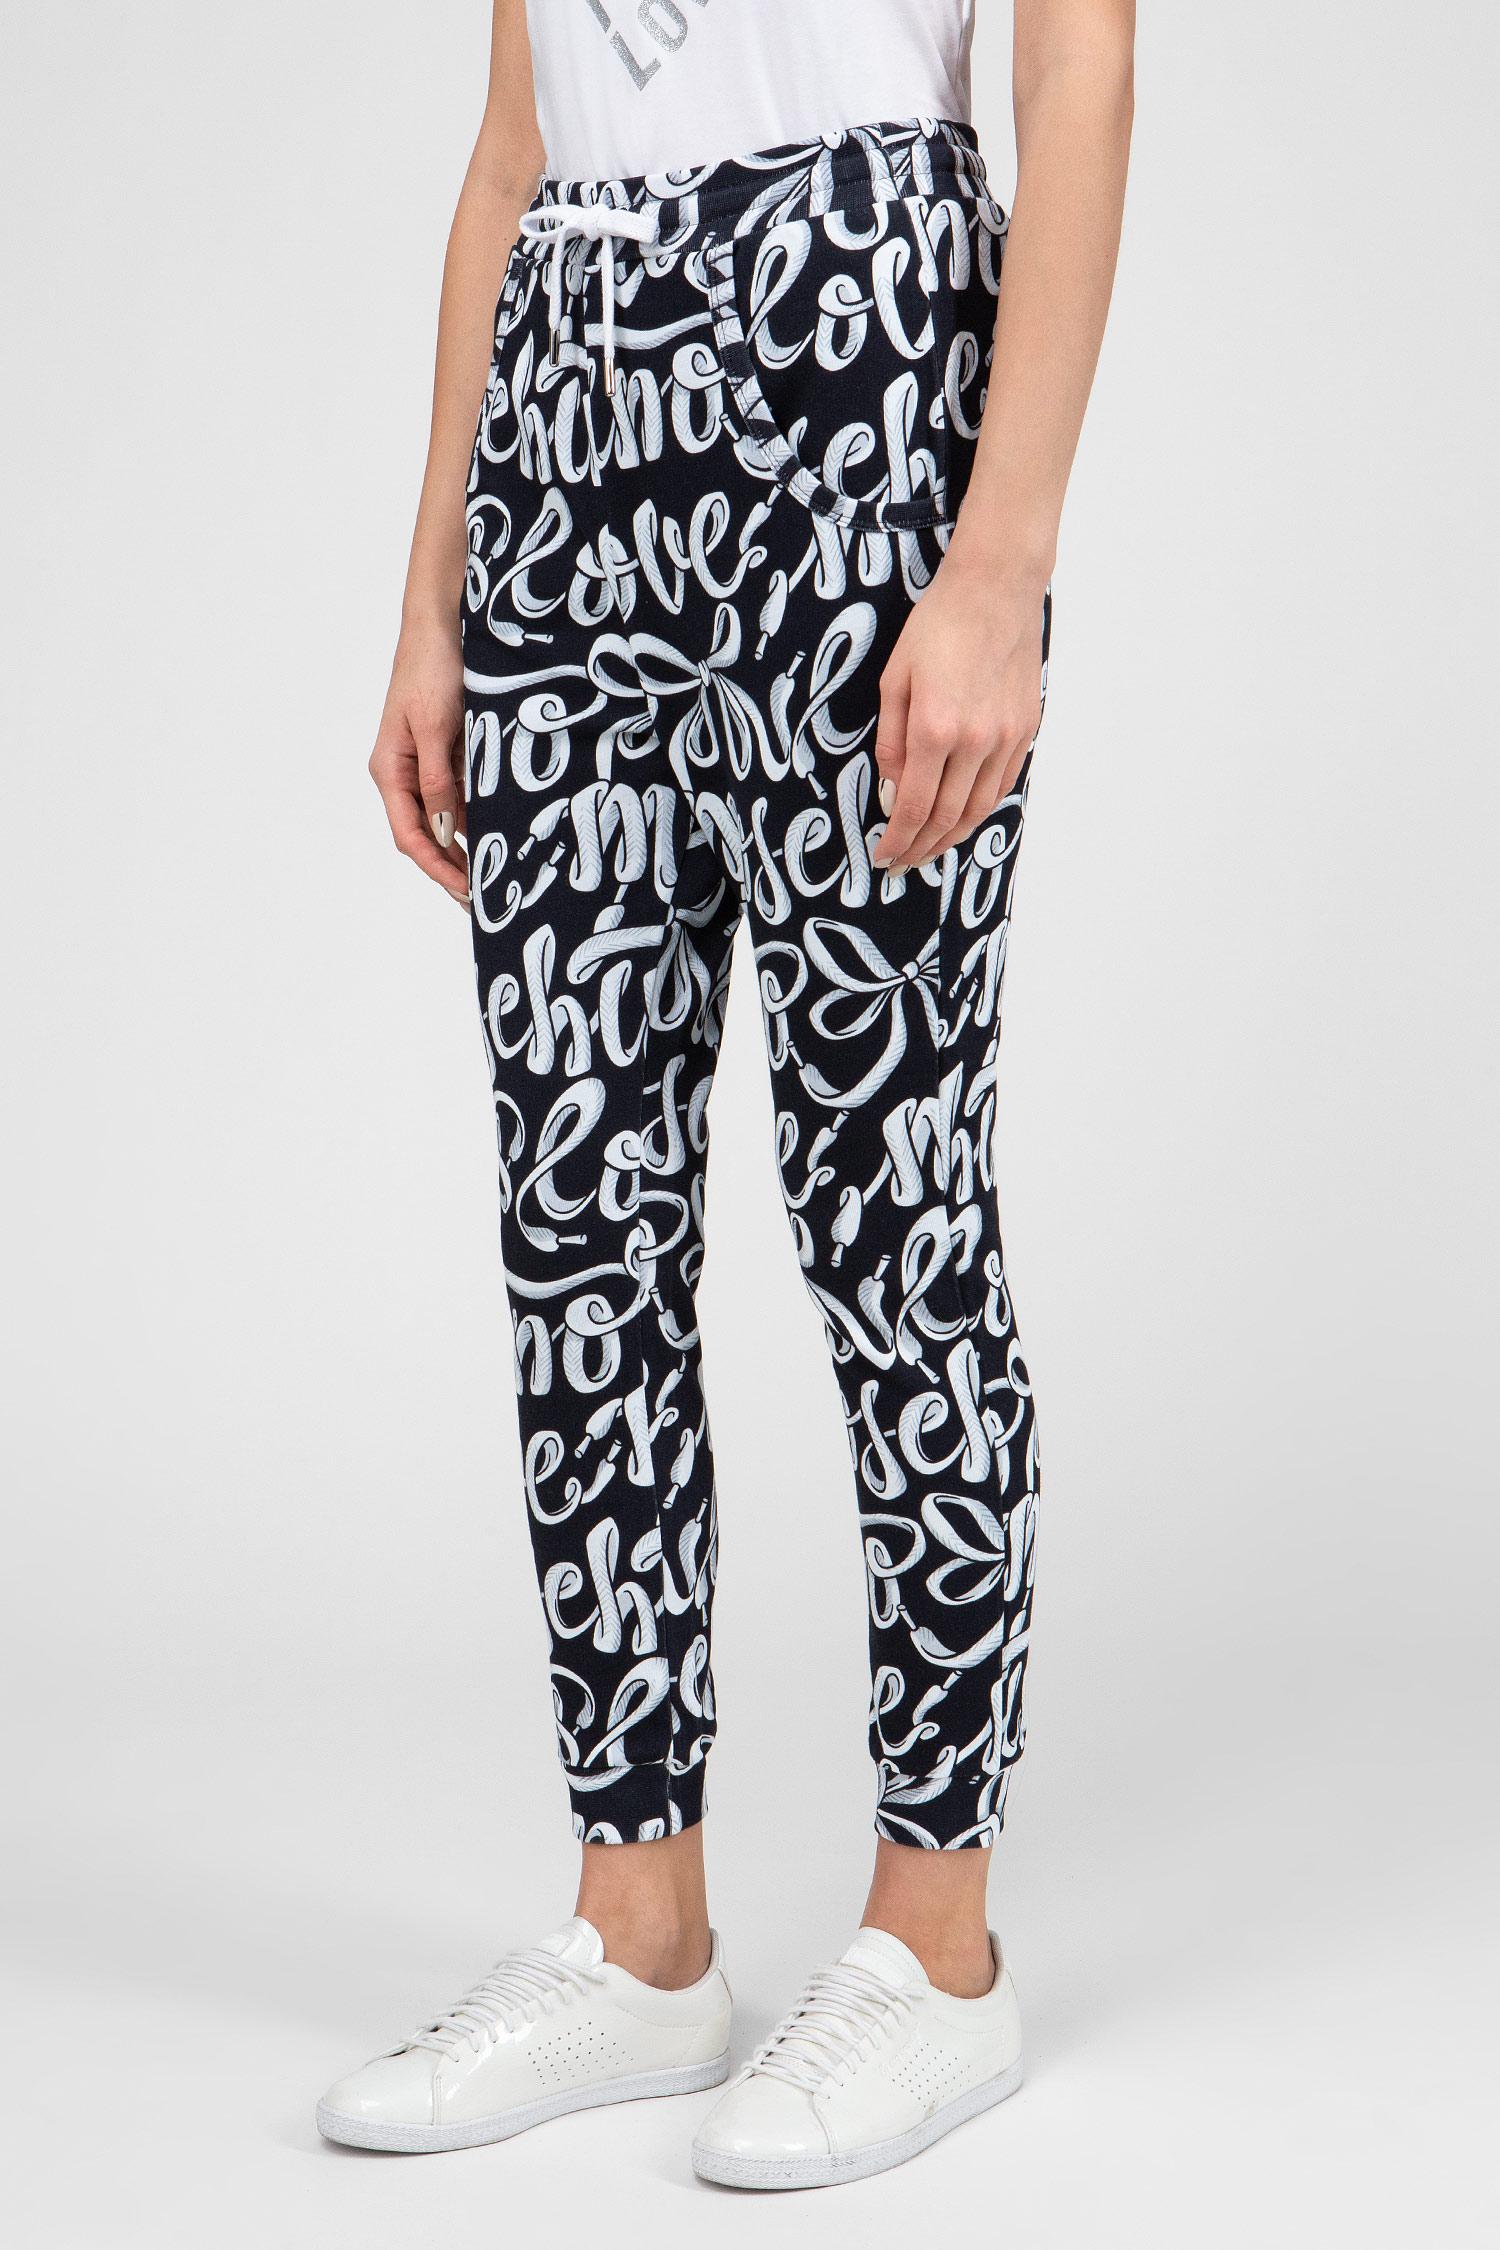 Купить Женские спортивные брюки с принтом Love Moschino Love Moschino W149700M40120003 – Киев, Украина. Цены в интернет магазине MD Fashion